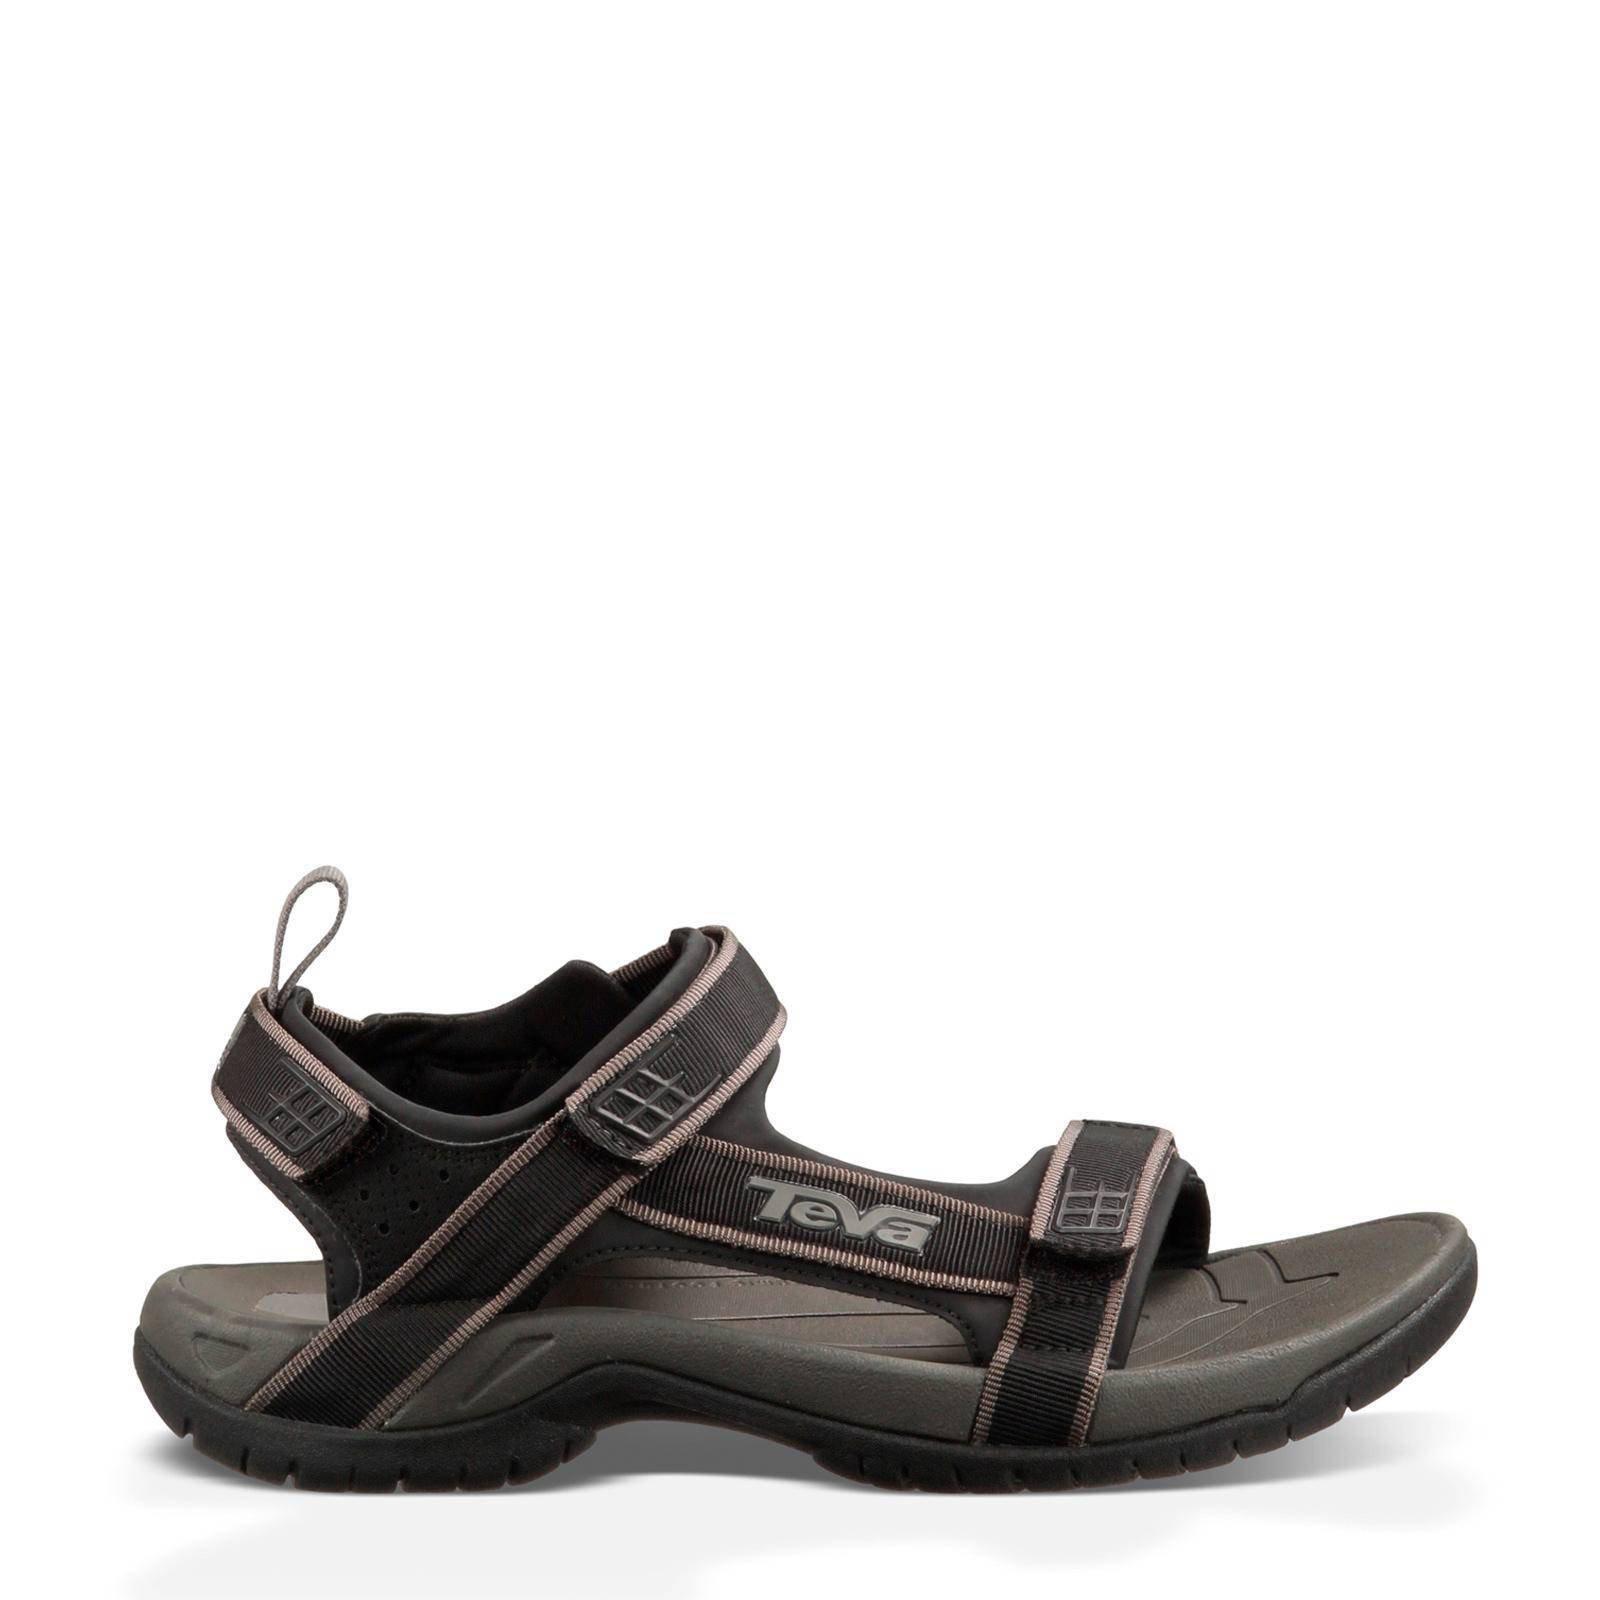 Outdoor Heren Men Heren Outdoor Heren Sandalen Men Outdoor Tanza Tanza Sandalen Sandalen SUzVMp